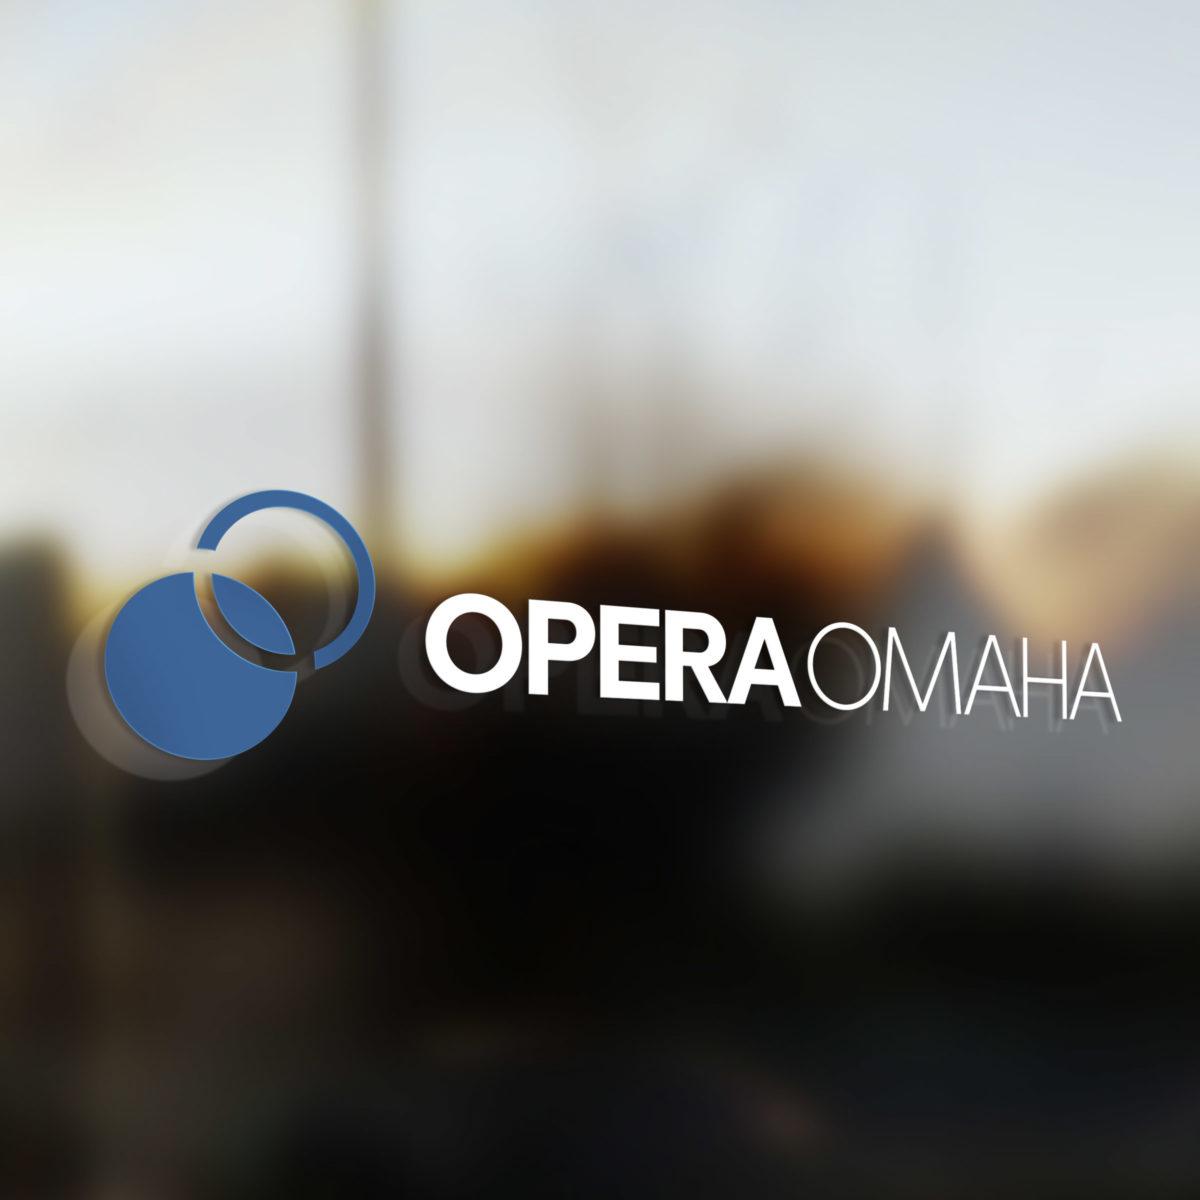 opera omaha logo